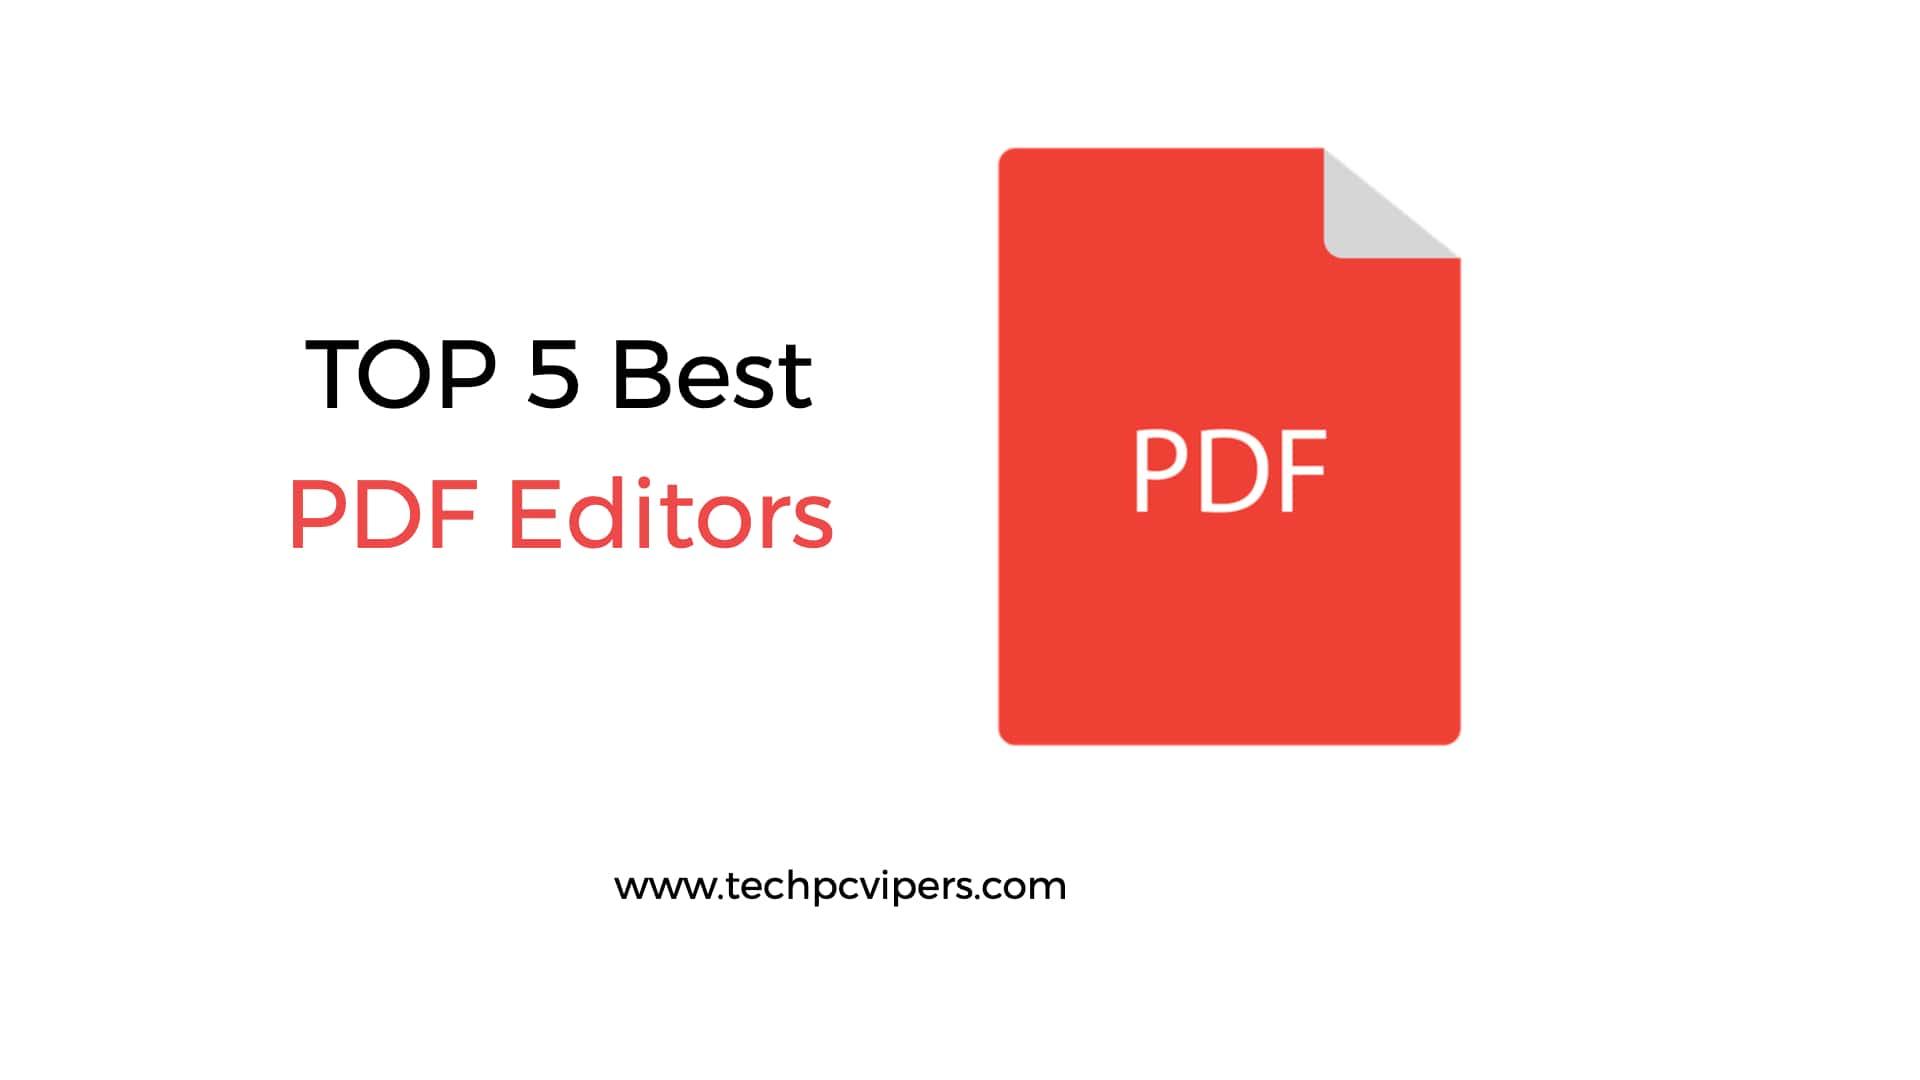 Top 5 Best PDF Editors